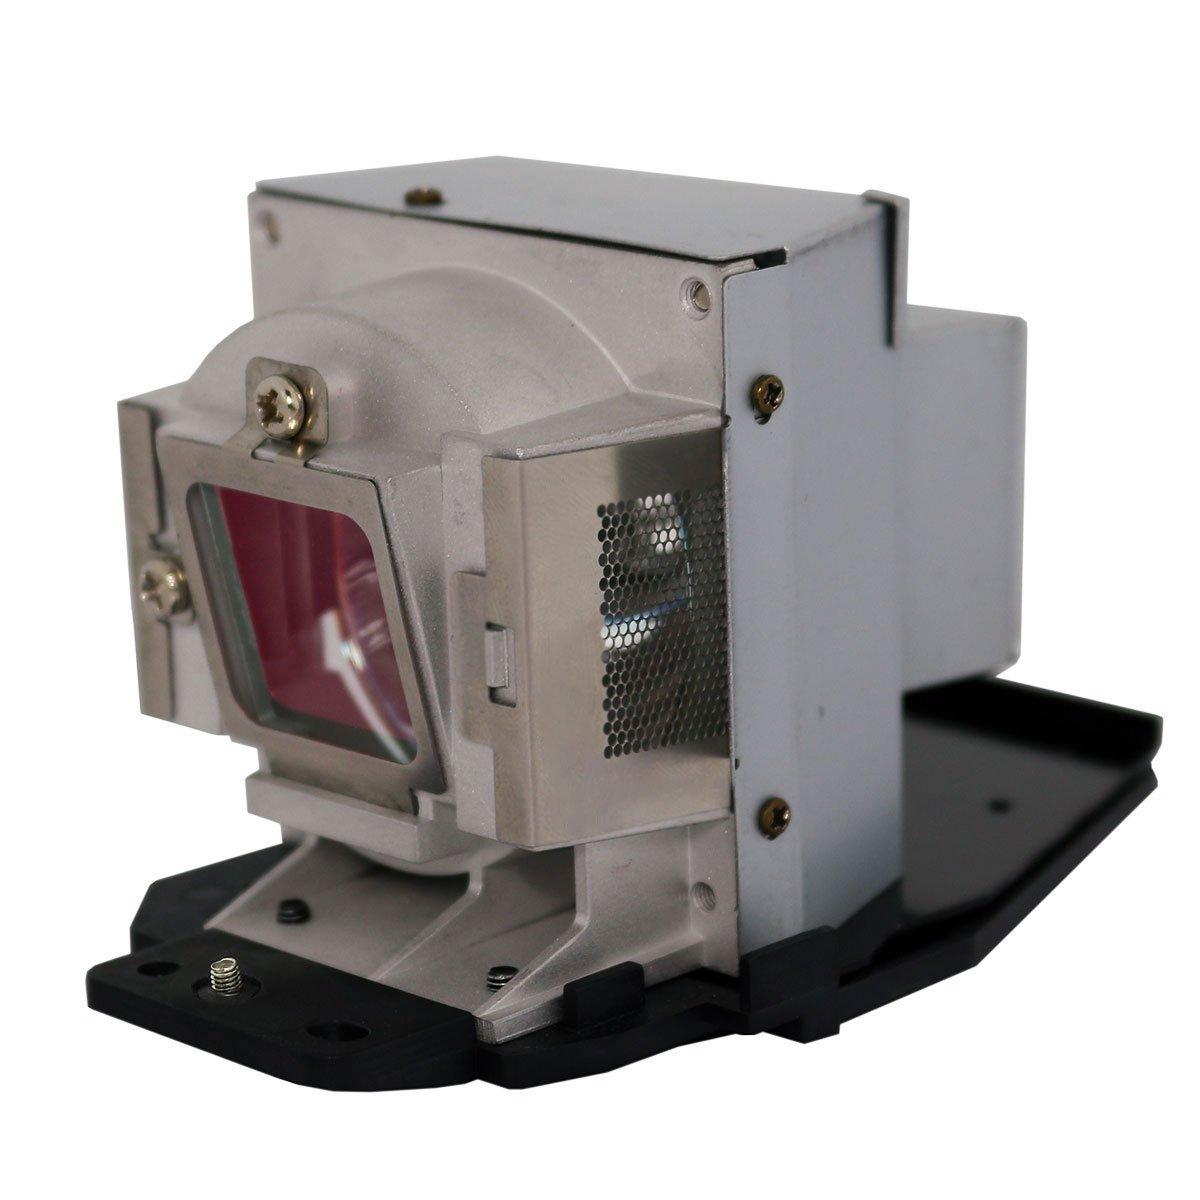 LYTIO エコノミー インダスSP-LAMP-062 プロジェクターランプ ハウジングSPランプ付き 062   B07J2ZSKJK